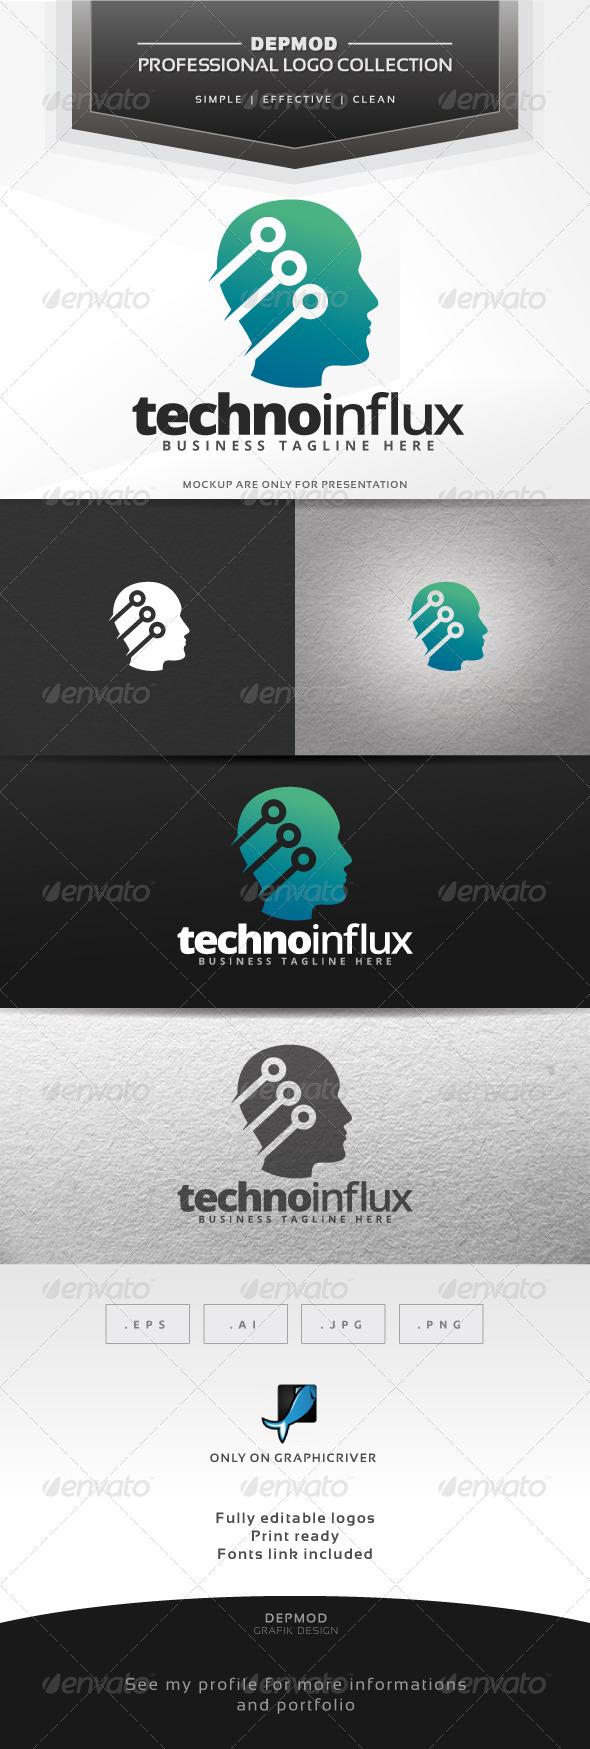 GraphicRiver Techno Influx Logo 7447245